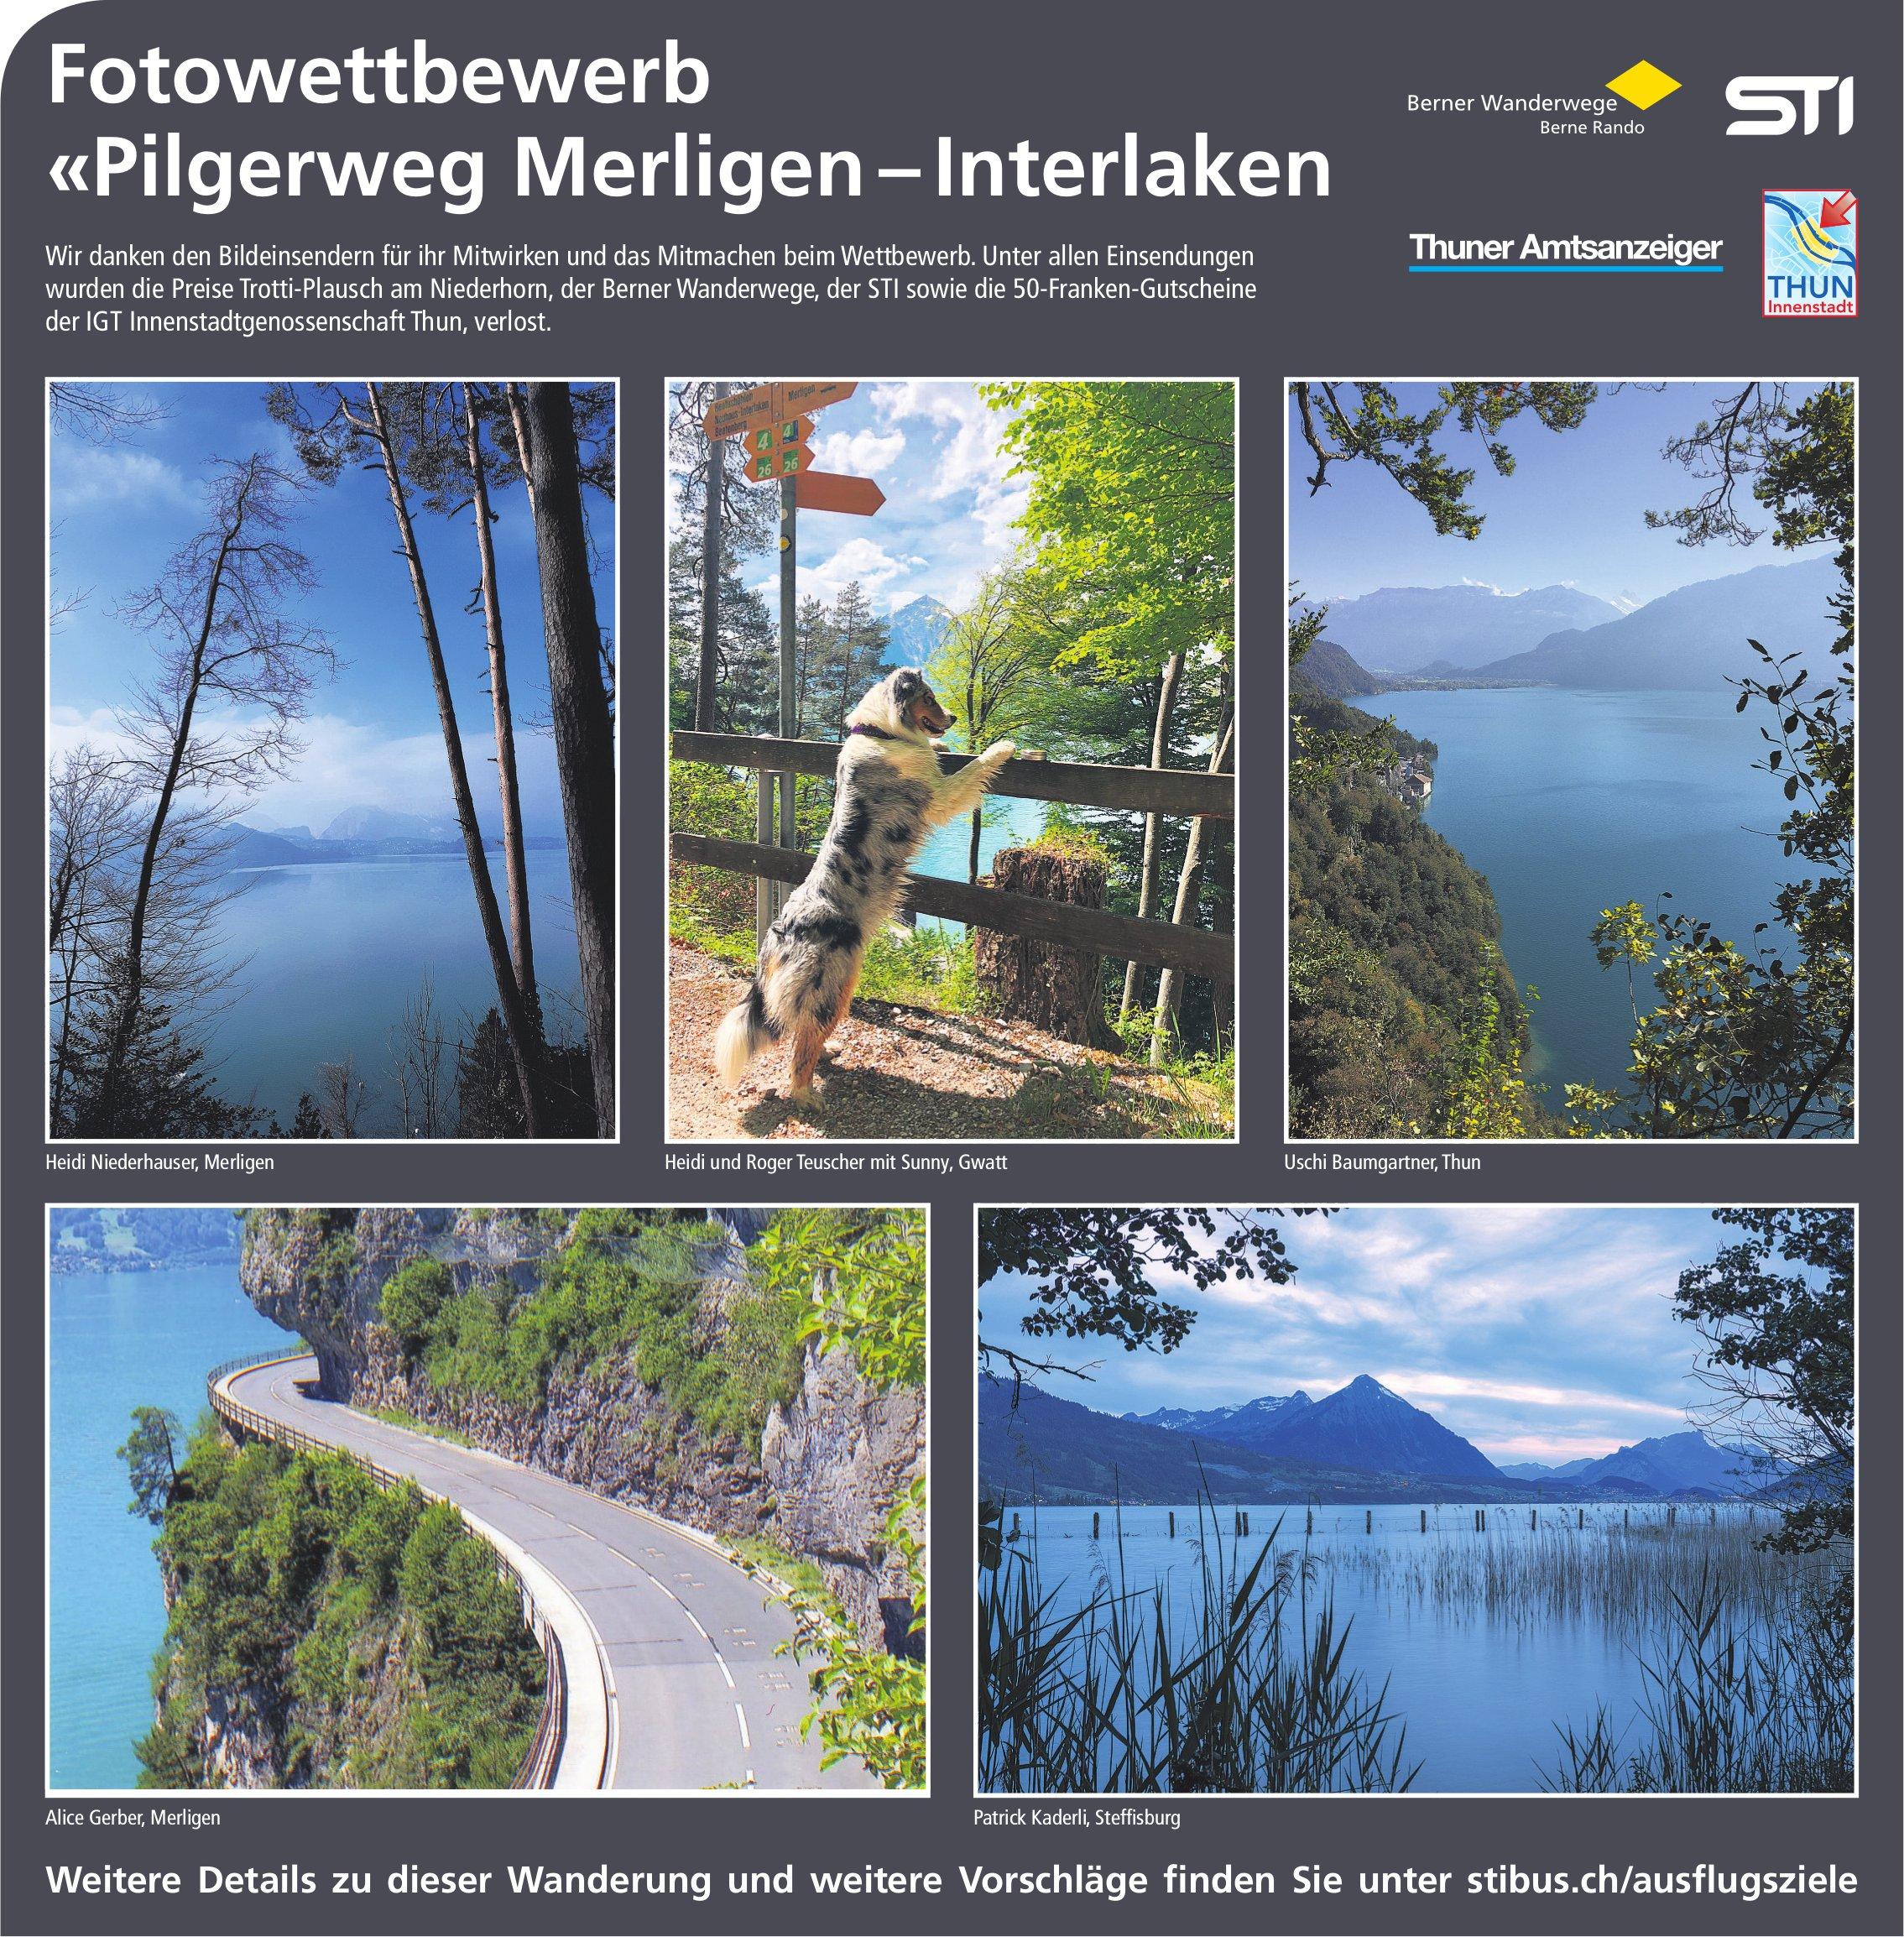 Fotowettbewerb «Pilgerweg Merligen – Interlaken: wir danken den Bildeinsendern